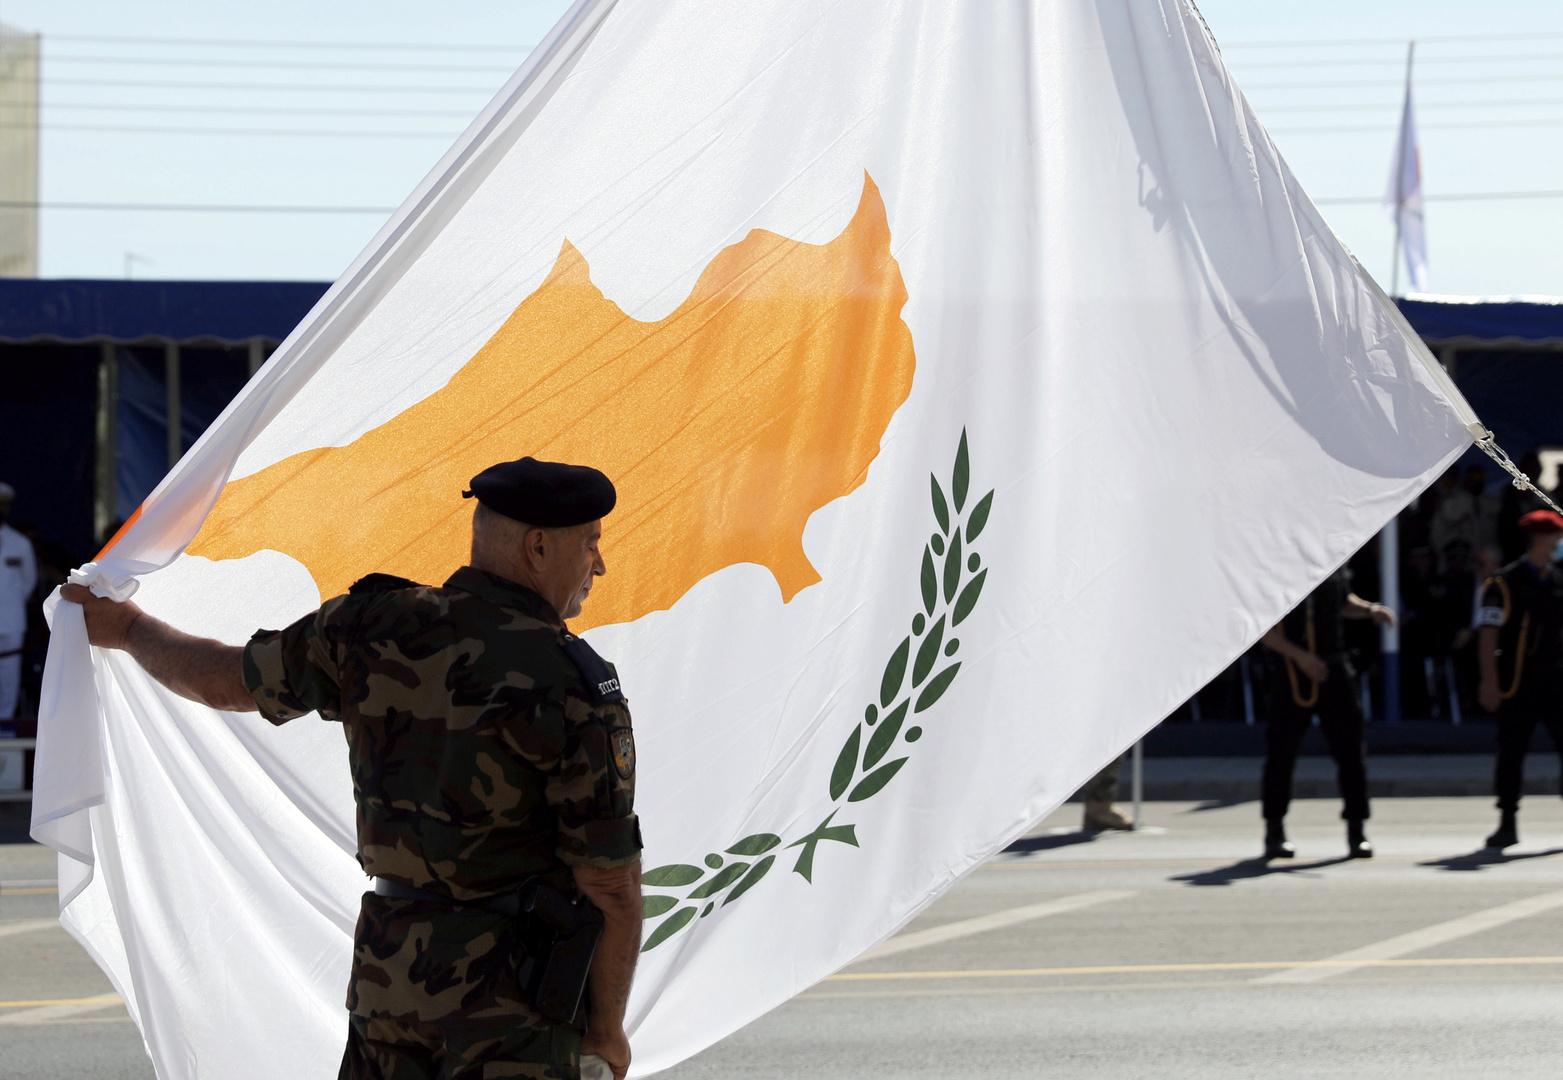 صورة تعبيرية - علم قبرص